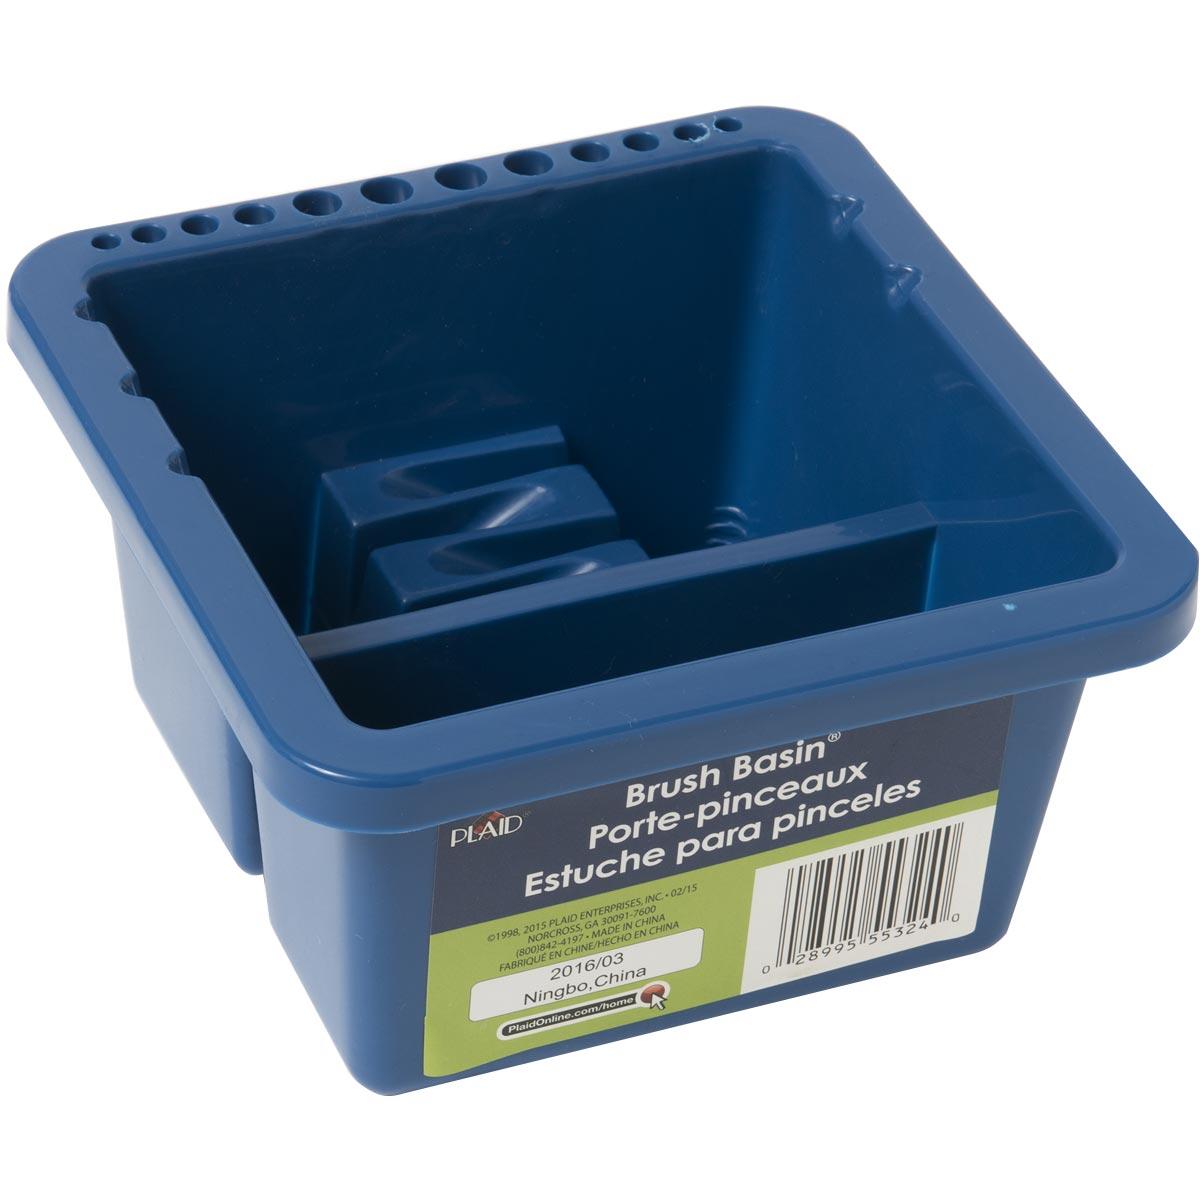 Plaid ® Art Materials - Brush Basin - CS550324